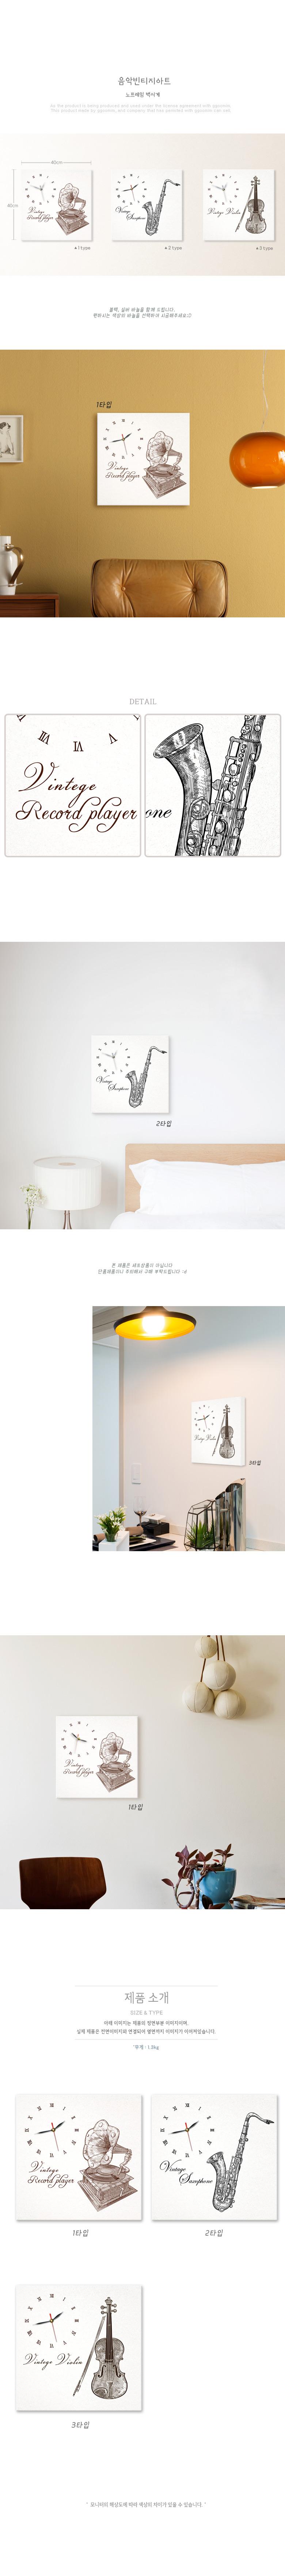 it071-음악빈티지아트 노프레임벽시계 - 꾸밈, 25,900원, 벽시계, 디자인벽시계